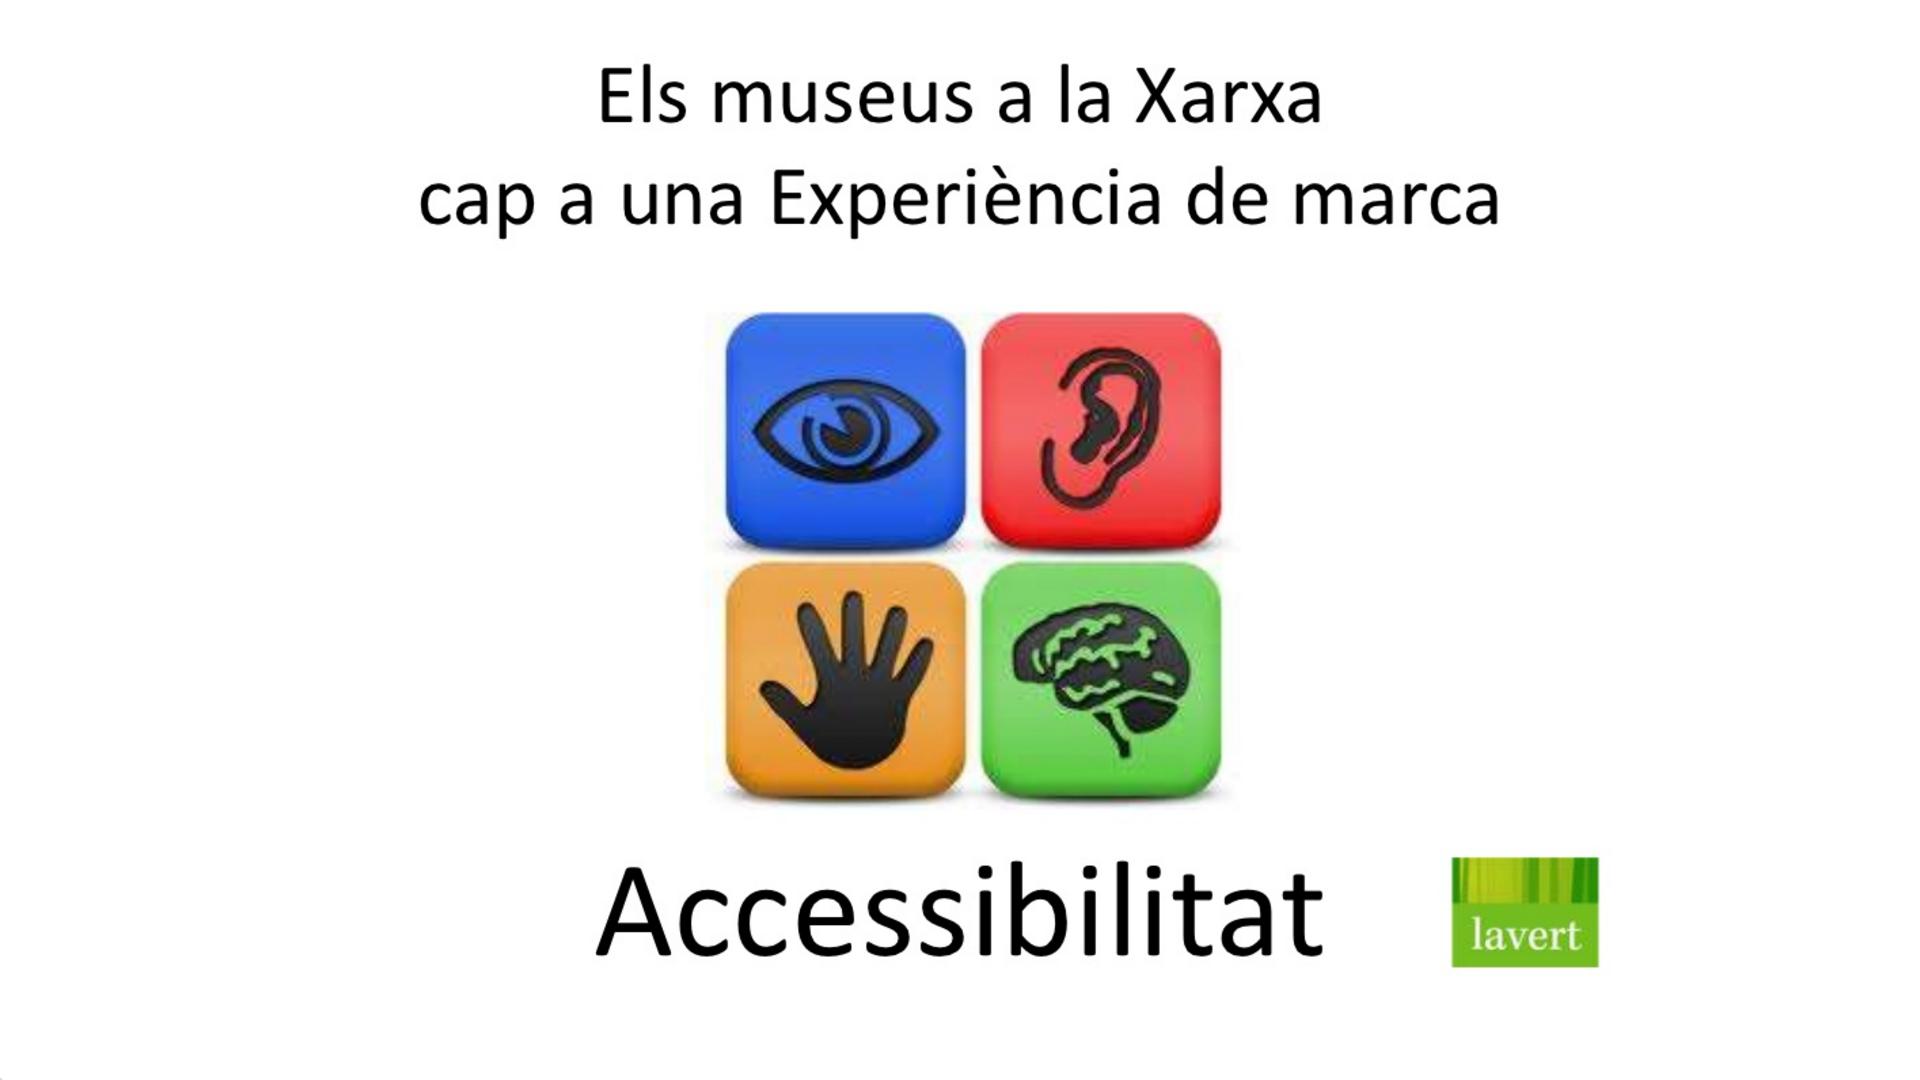 Los Museos en la Red hacia una experiencia de marca (IV. Accessibilitdad)